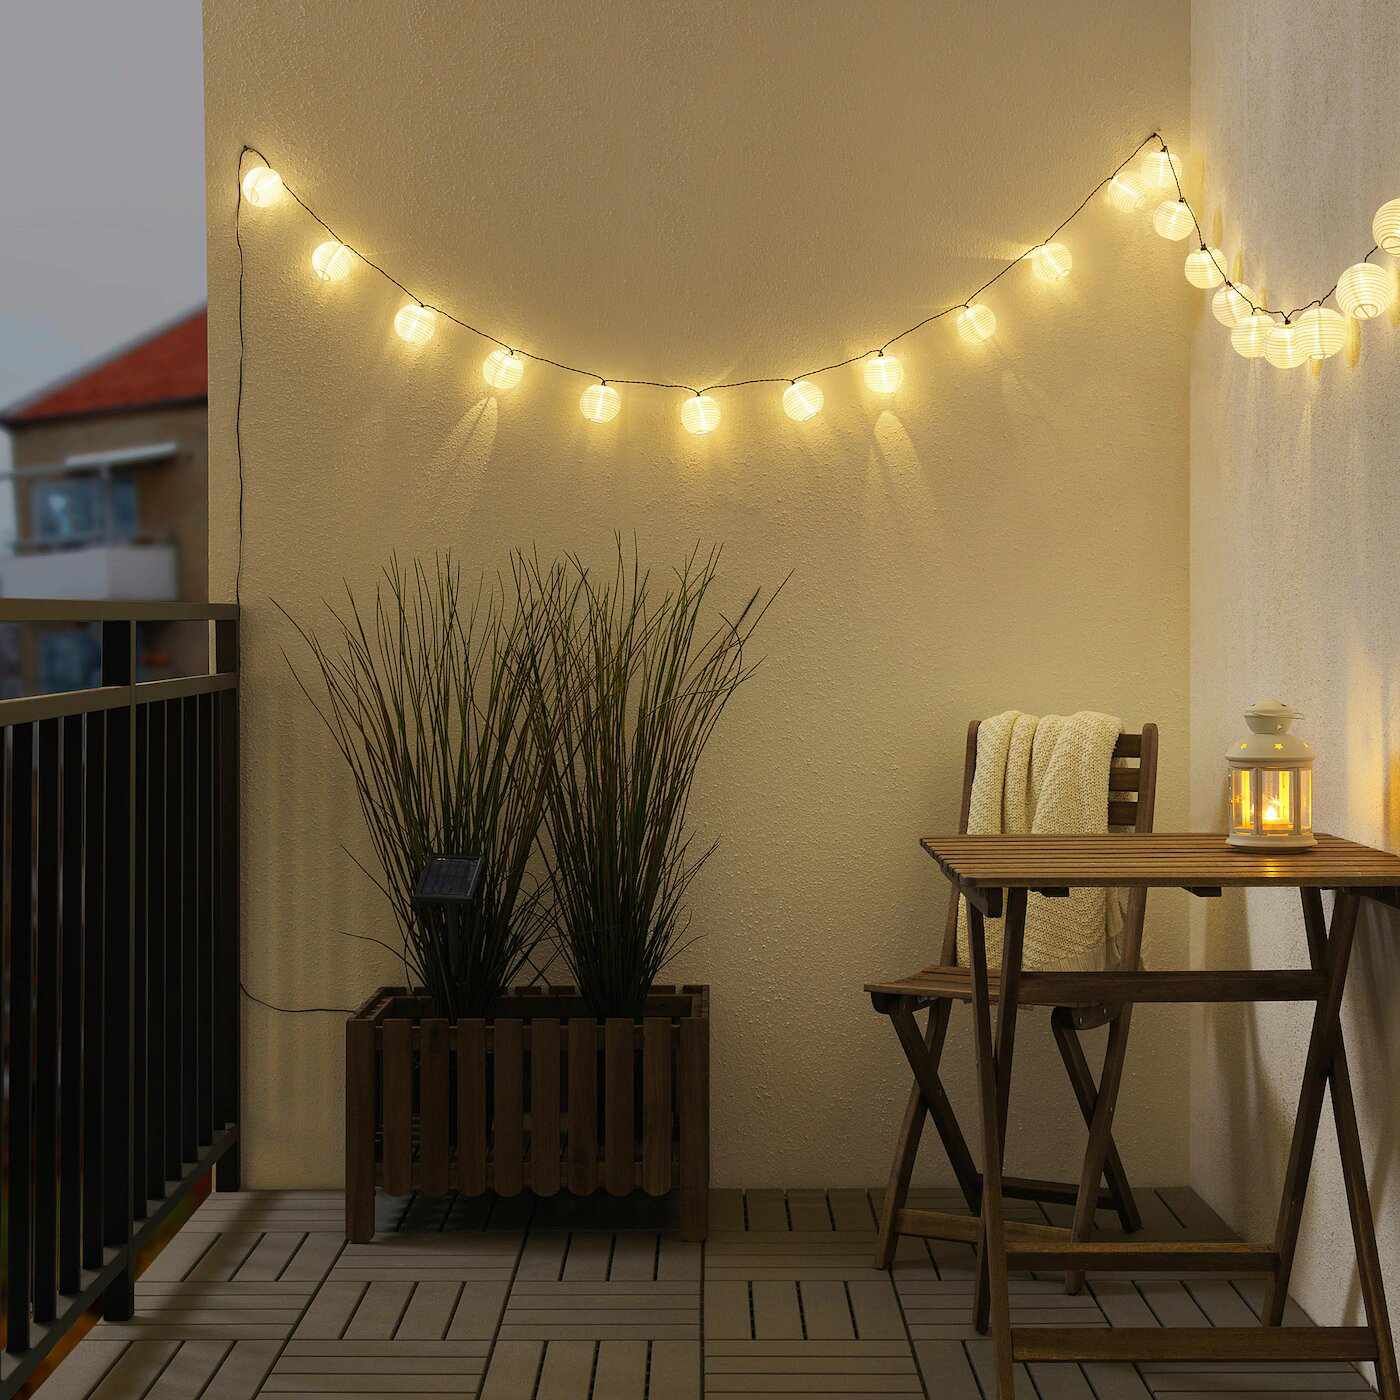 IKEA Solarvet LED String Lights